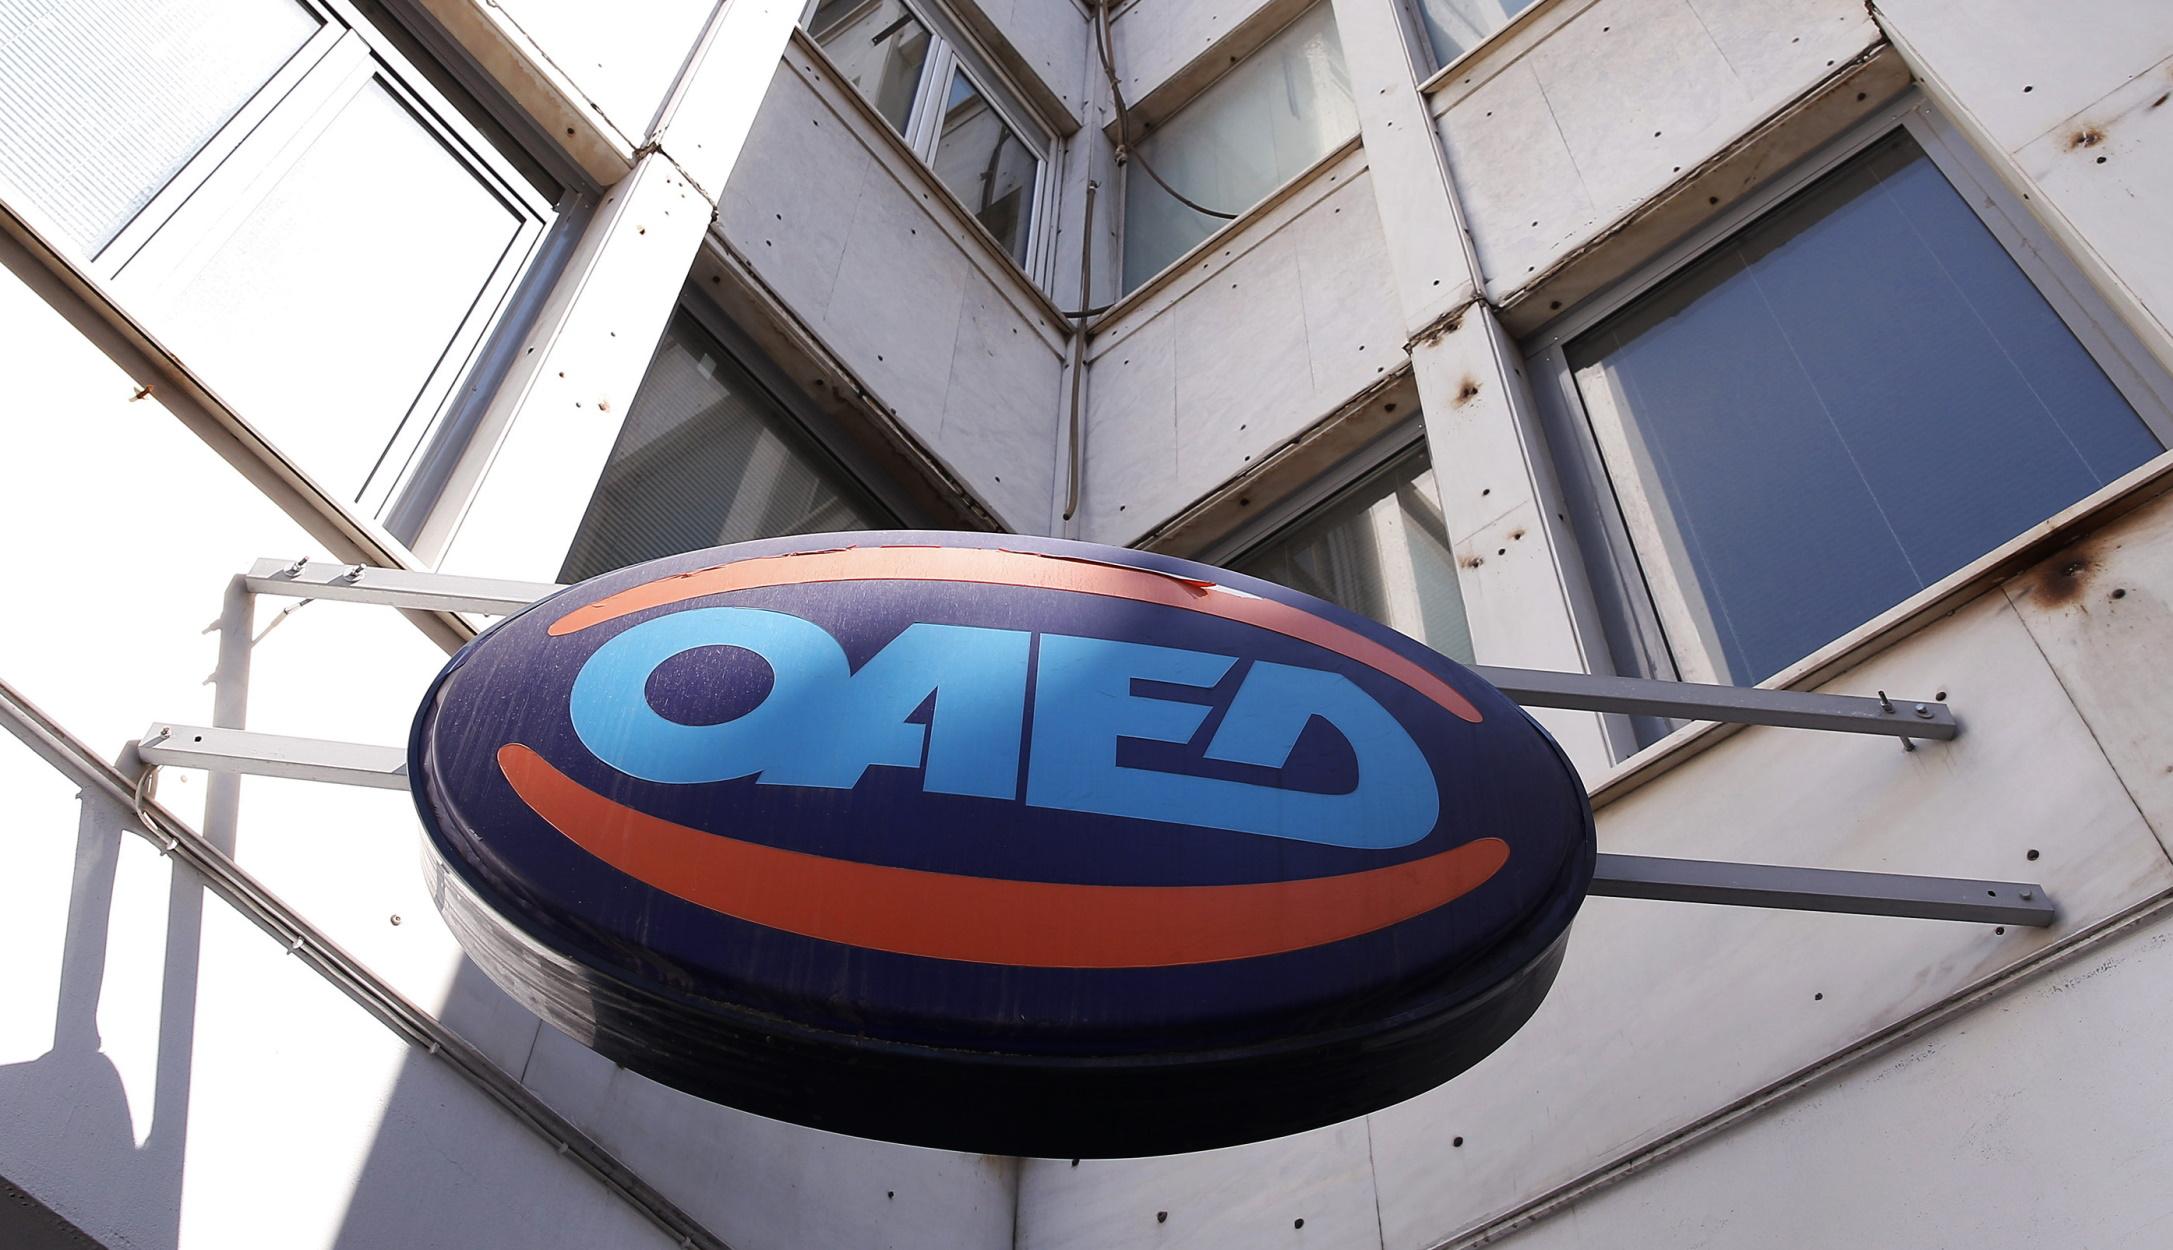 ΟΑΕΔ: Καταβλήθηκε η δίμηνη παράταση επιδομάτων ανεργίας